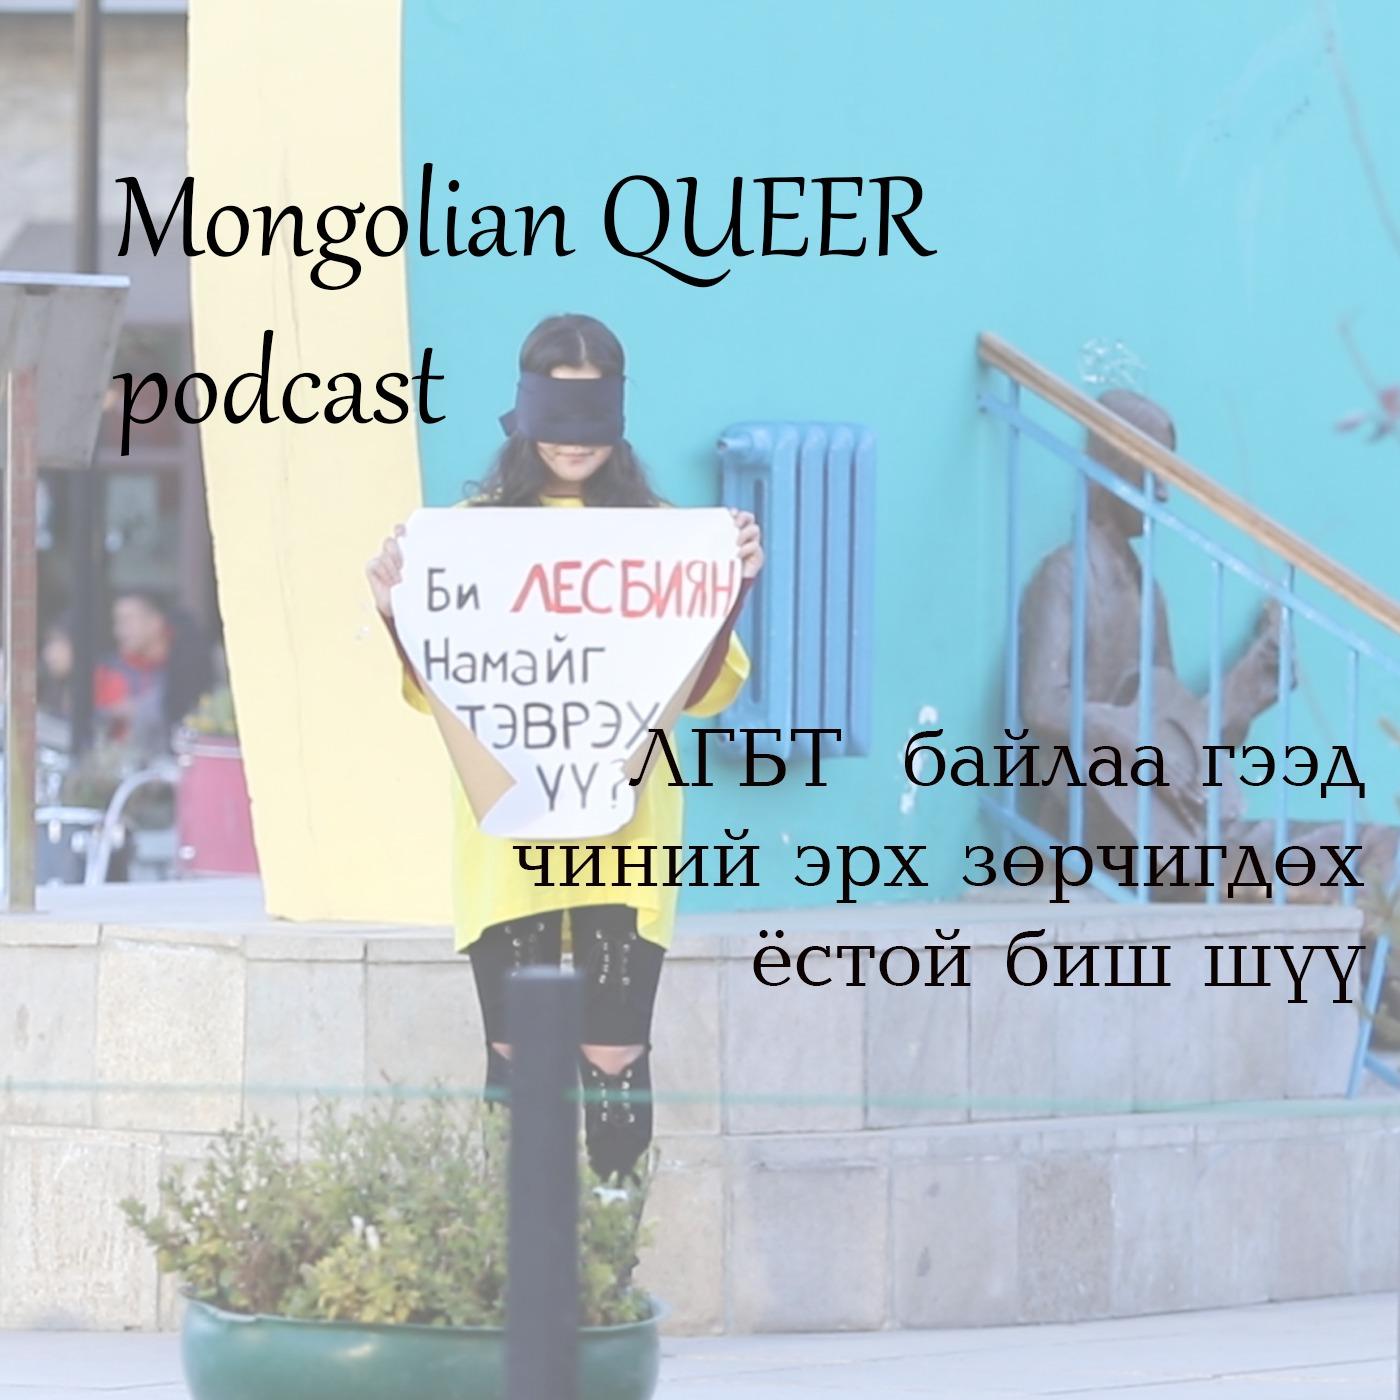 #6 Нээлттэй лесбиян байх тухай